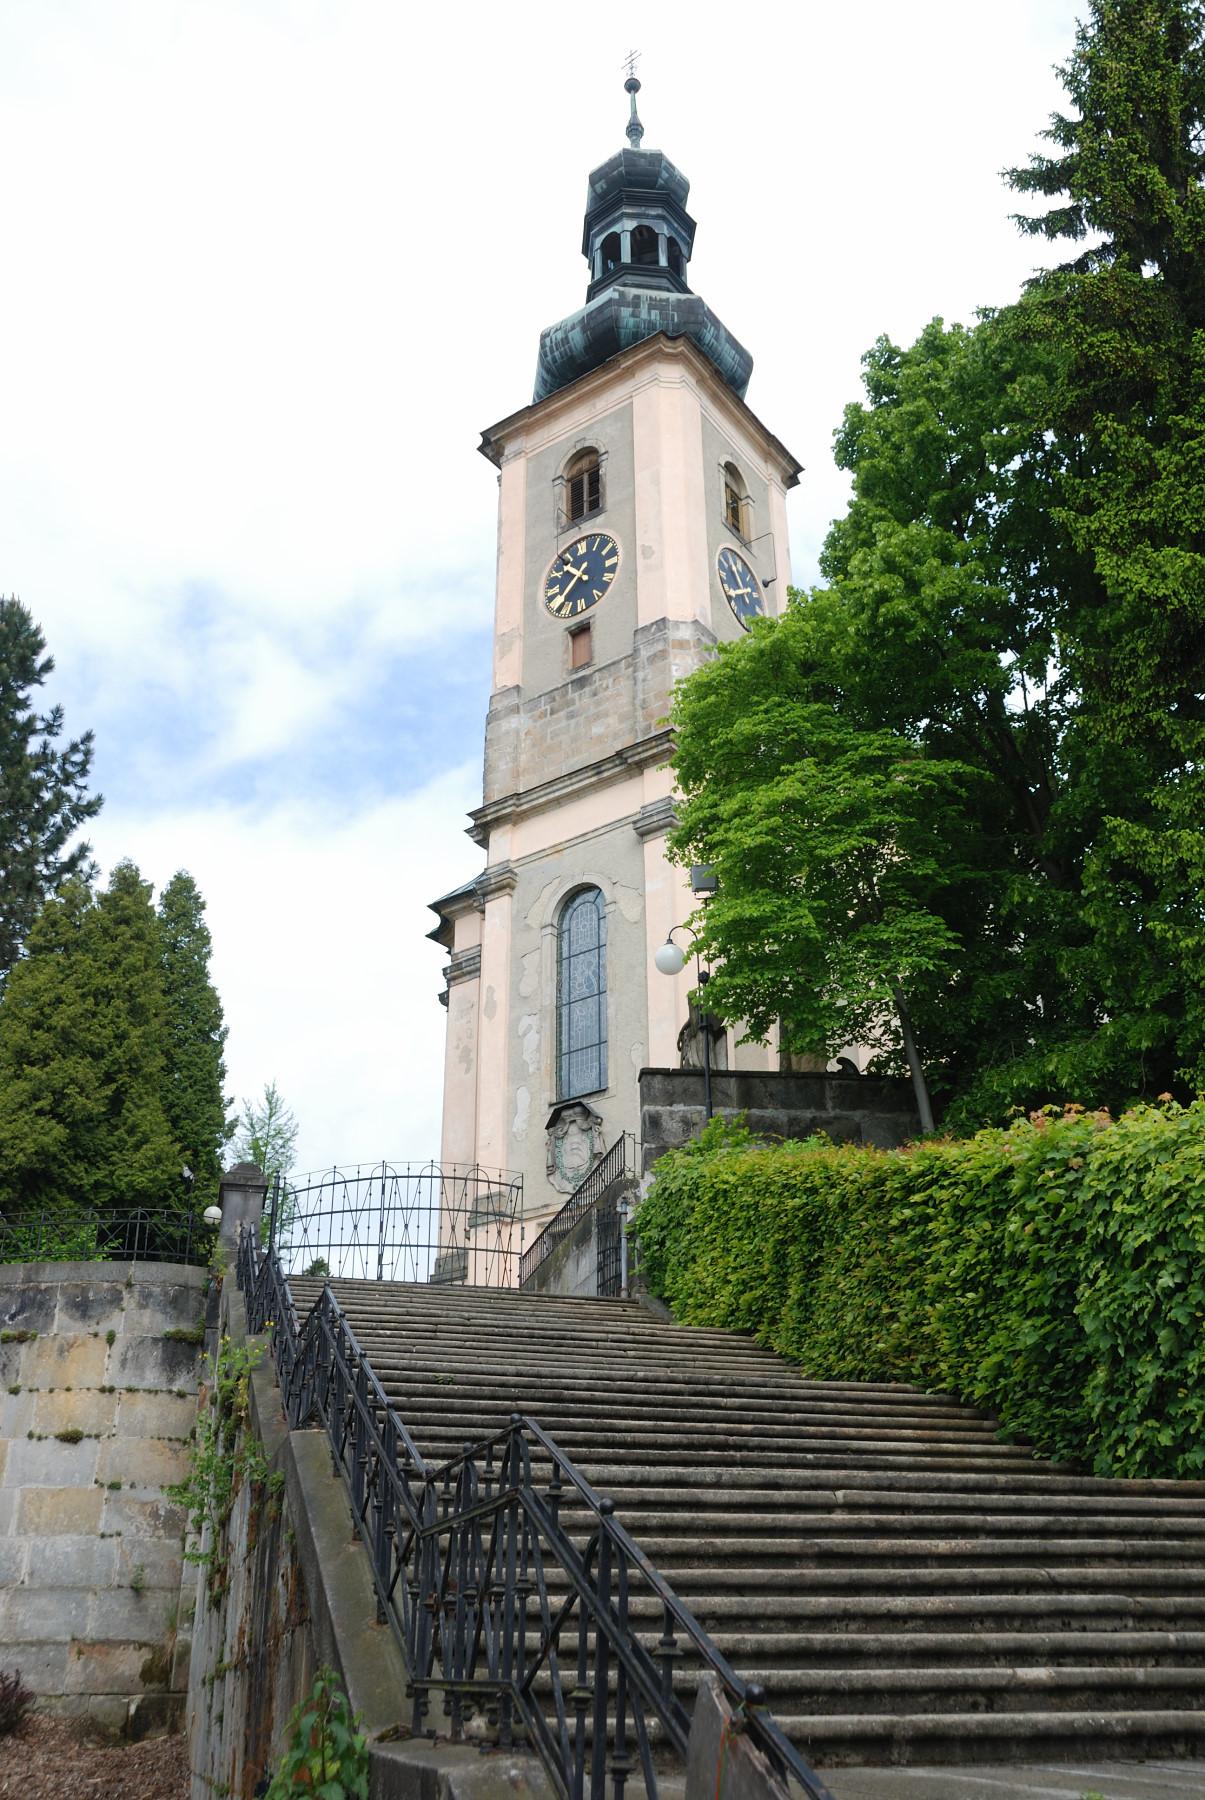 Treppengeländer zur Kirche